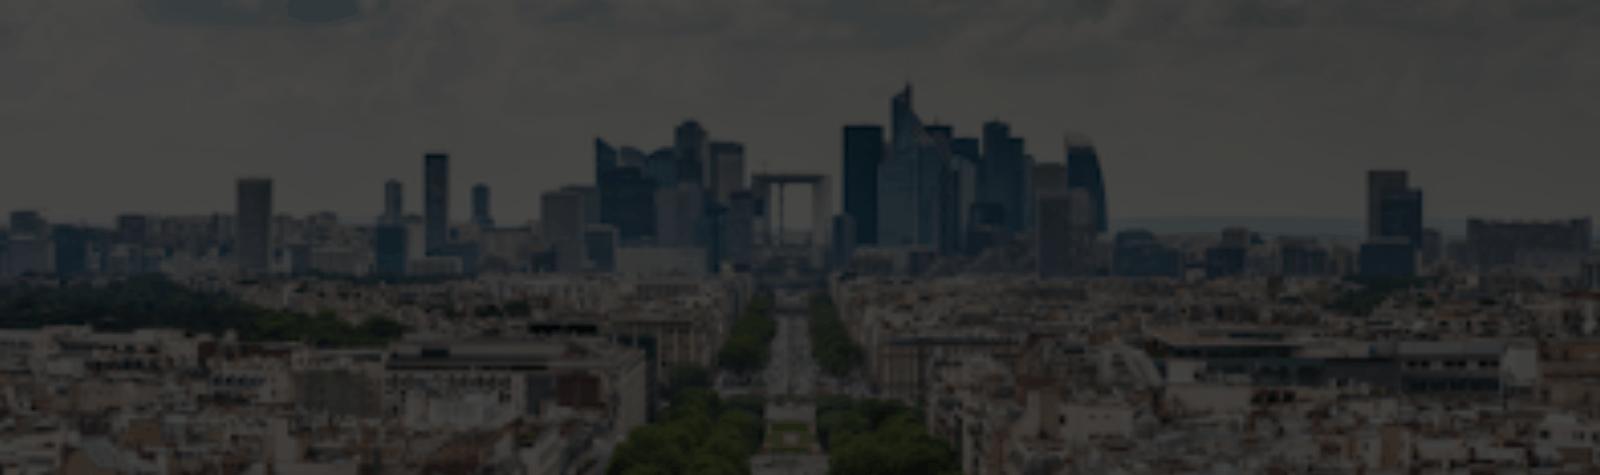 Restructuration d'actifs, la démarche stratégique et vertueuse de Paris La Défense